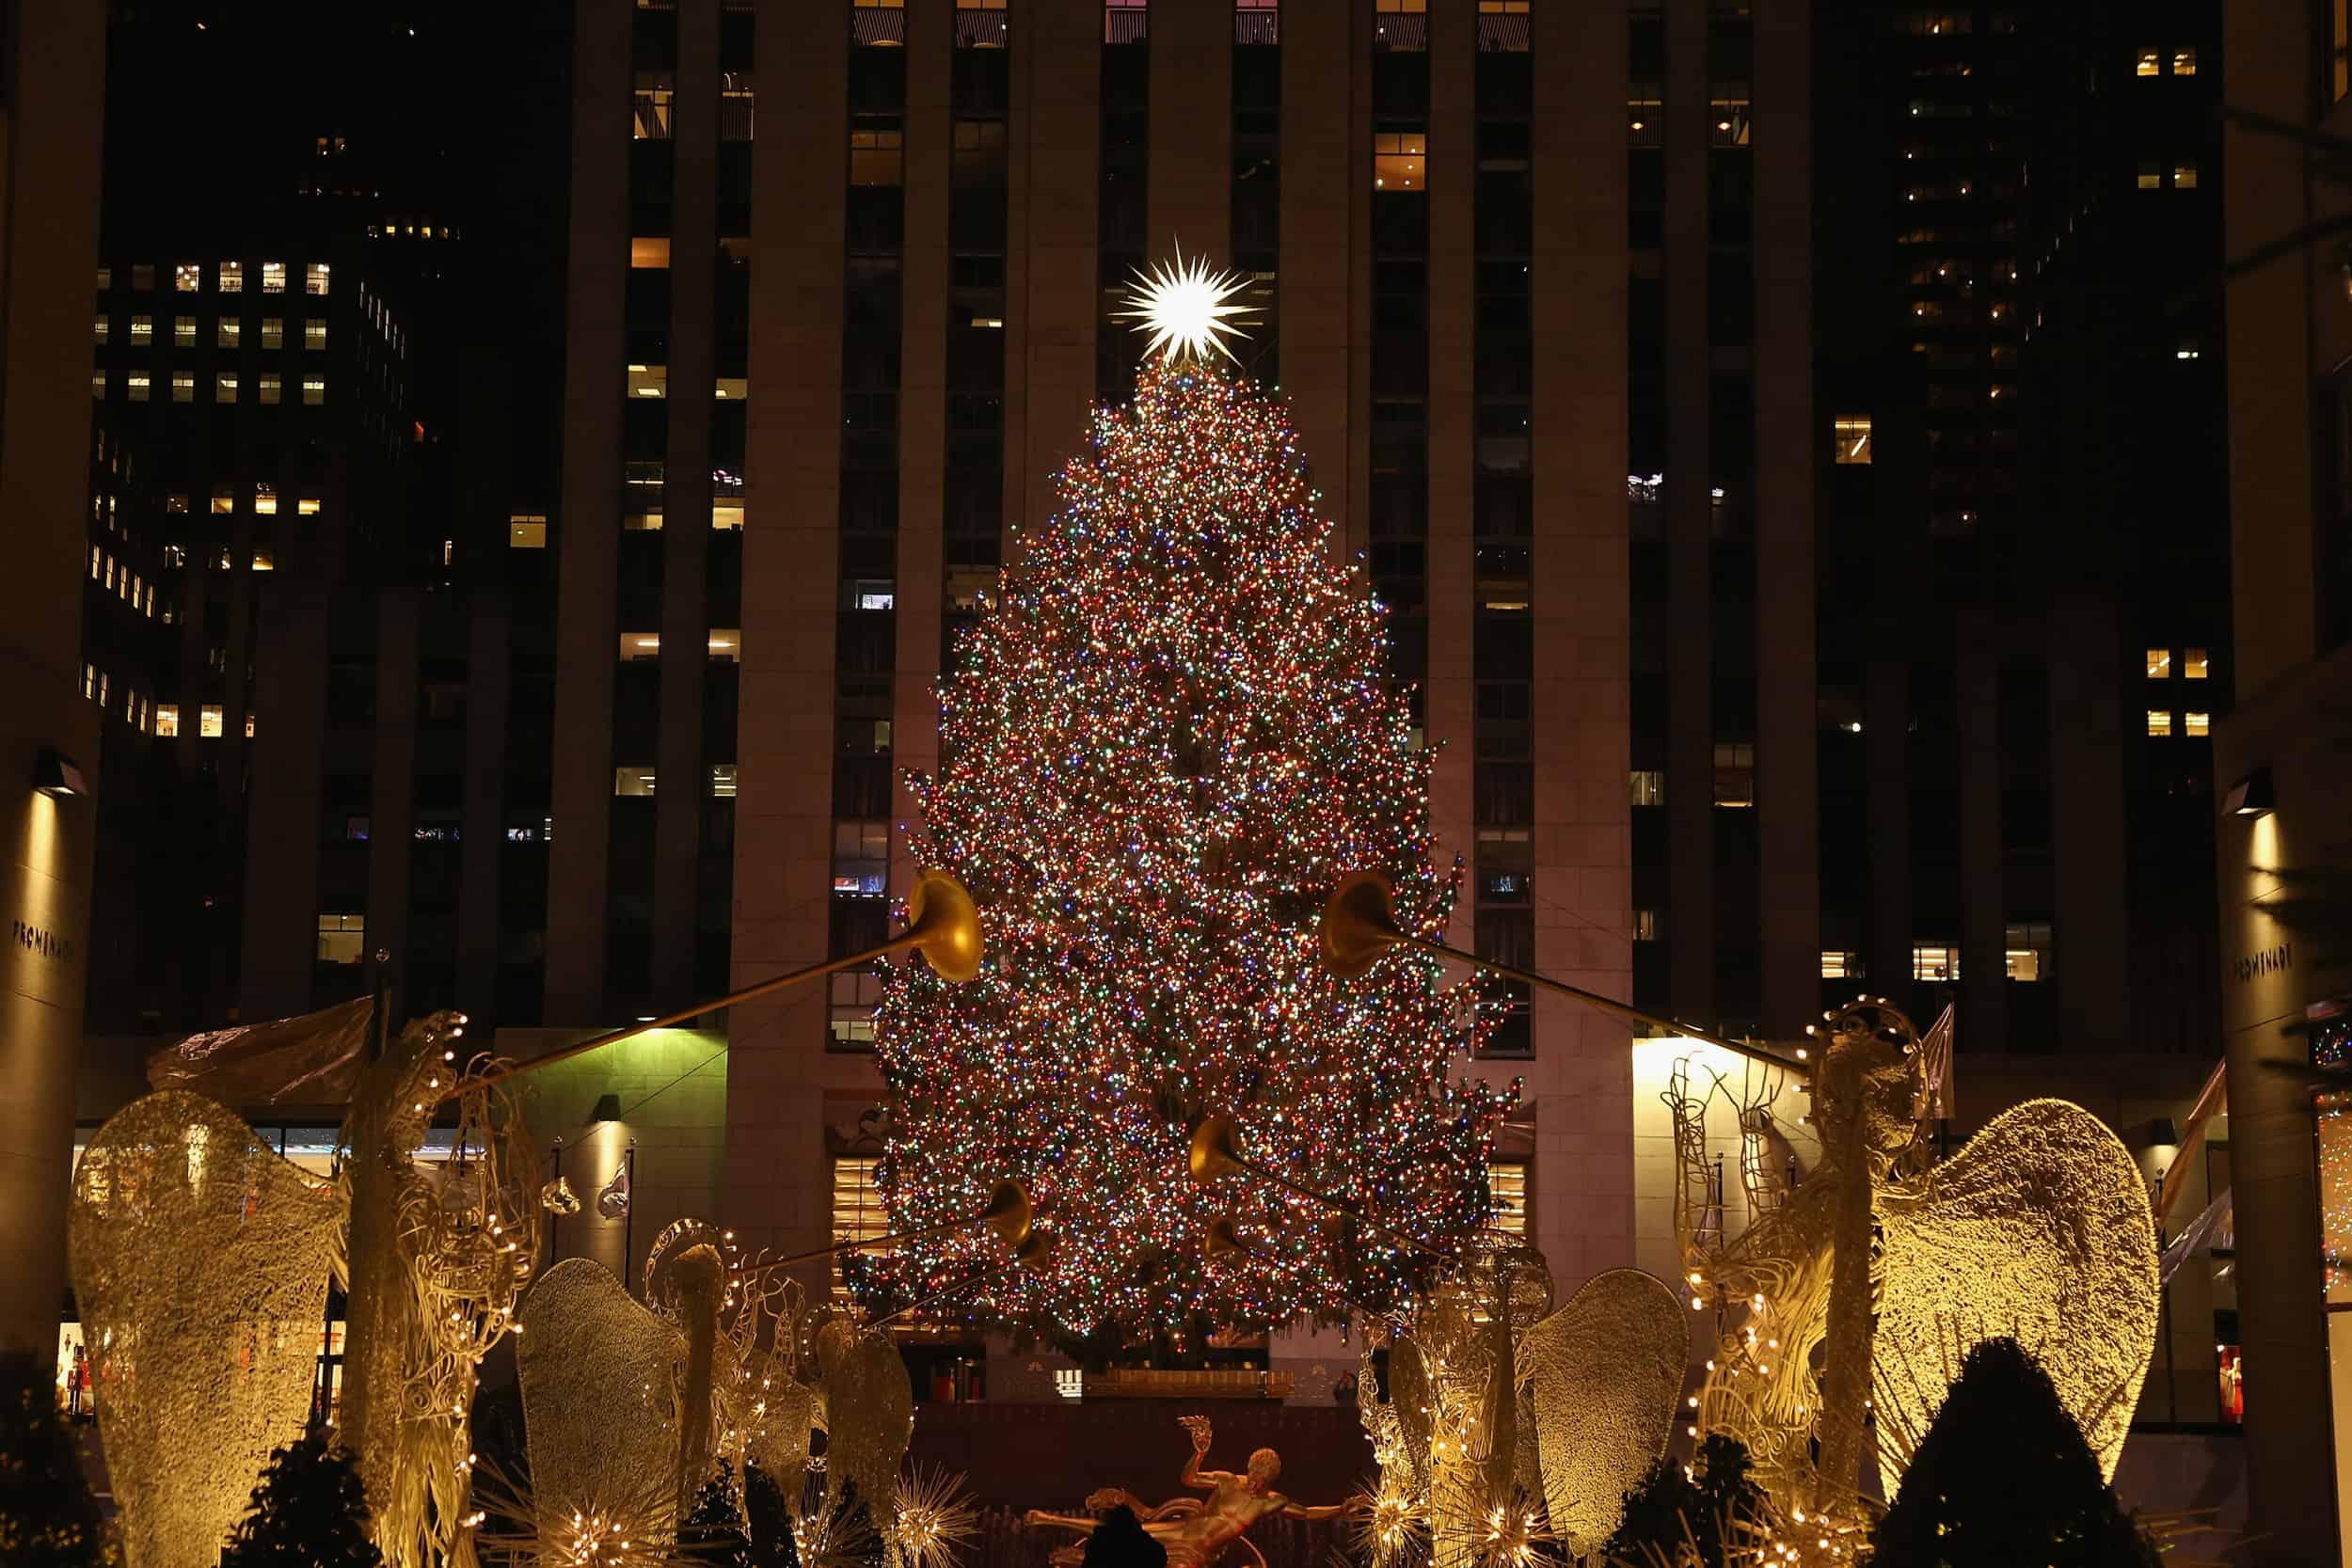 rockefeller-center-christmas-tree-lighting-time-livestream